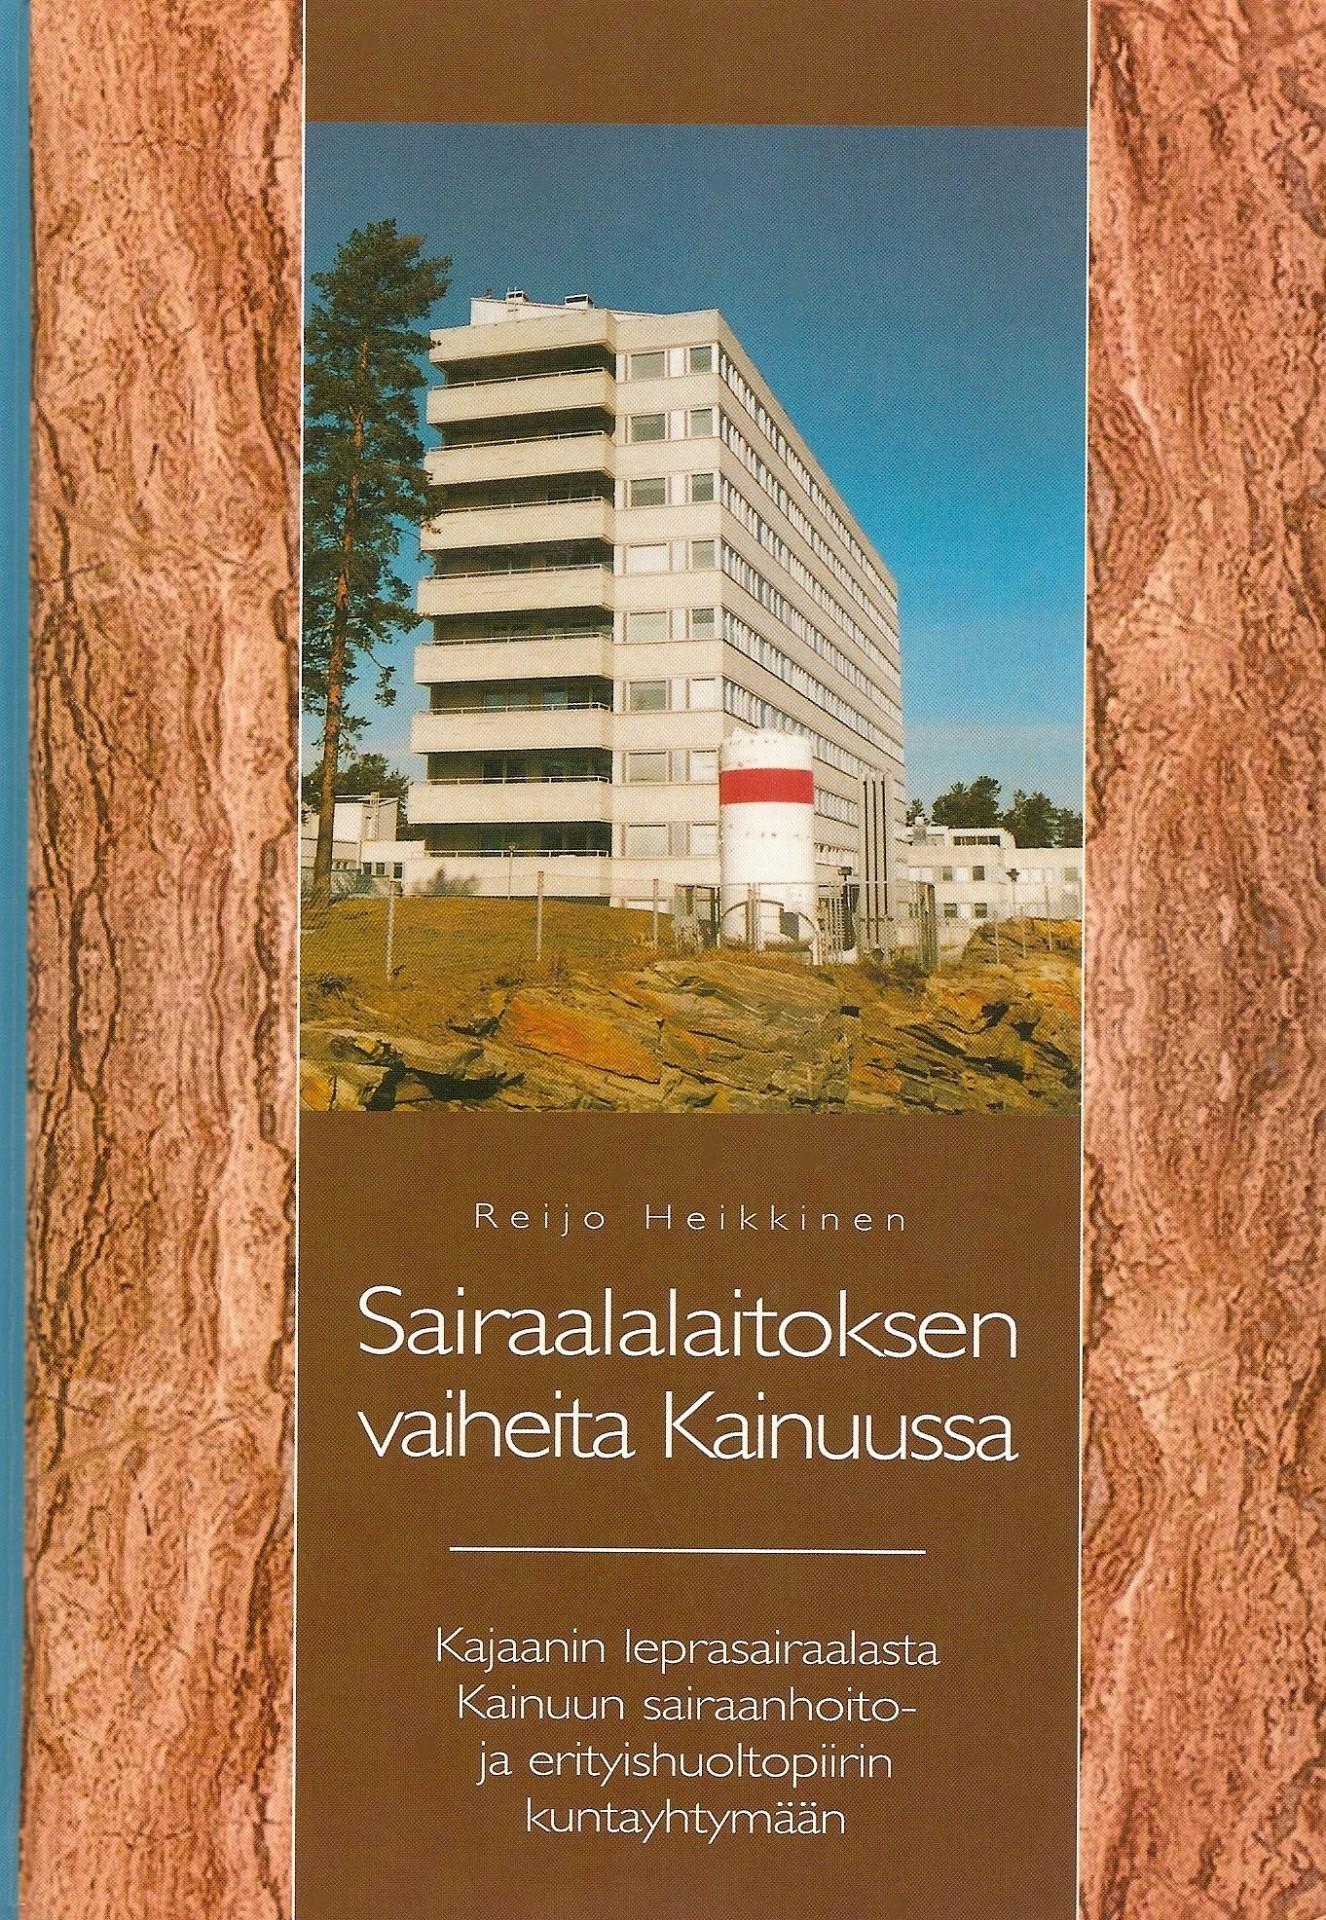 Sairaalalaitoksen vaiheita Kainuussa 2000